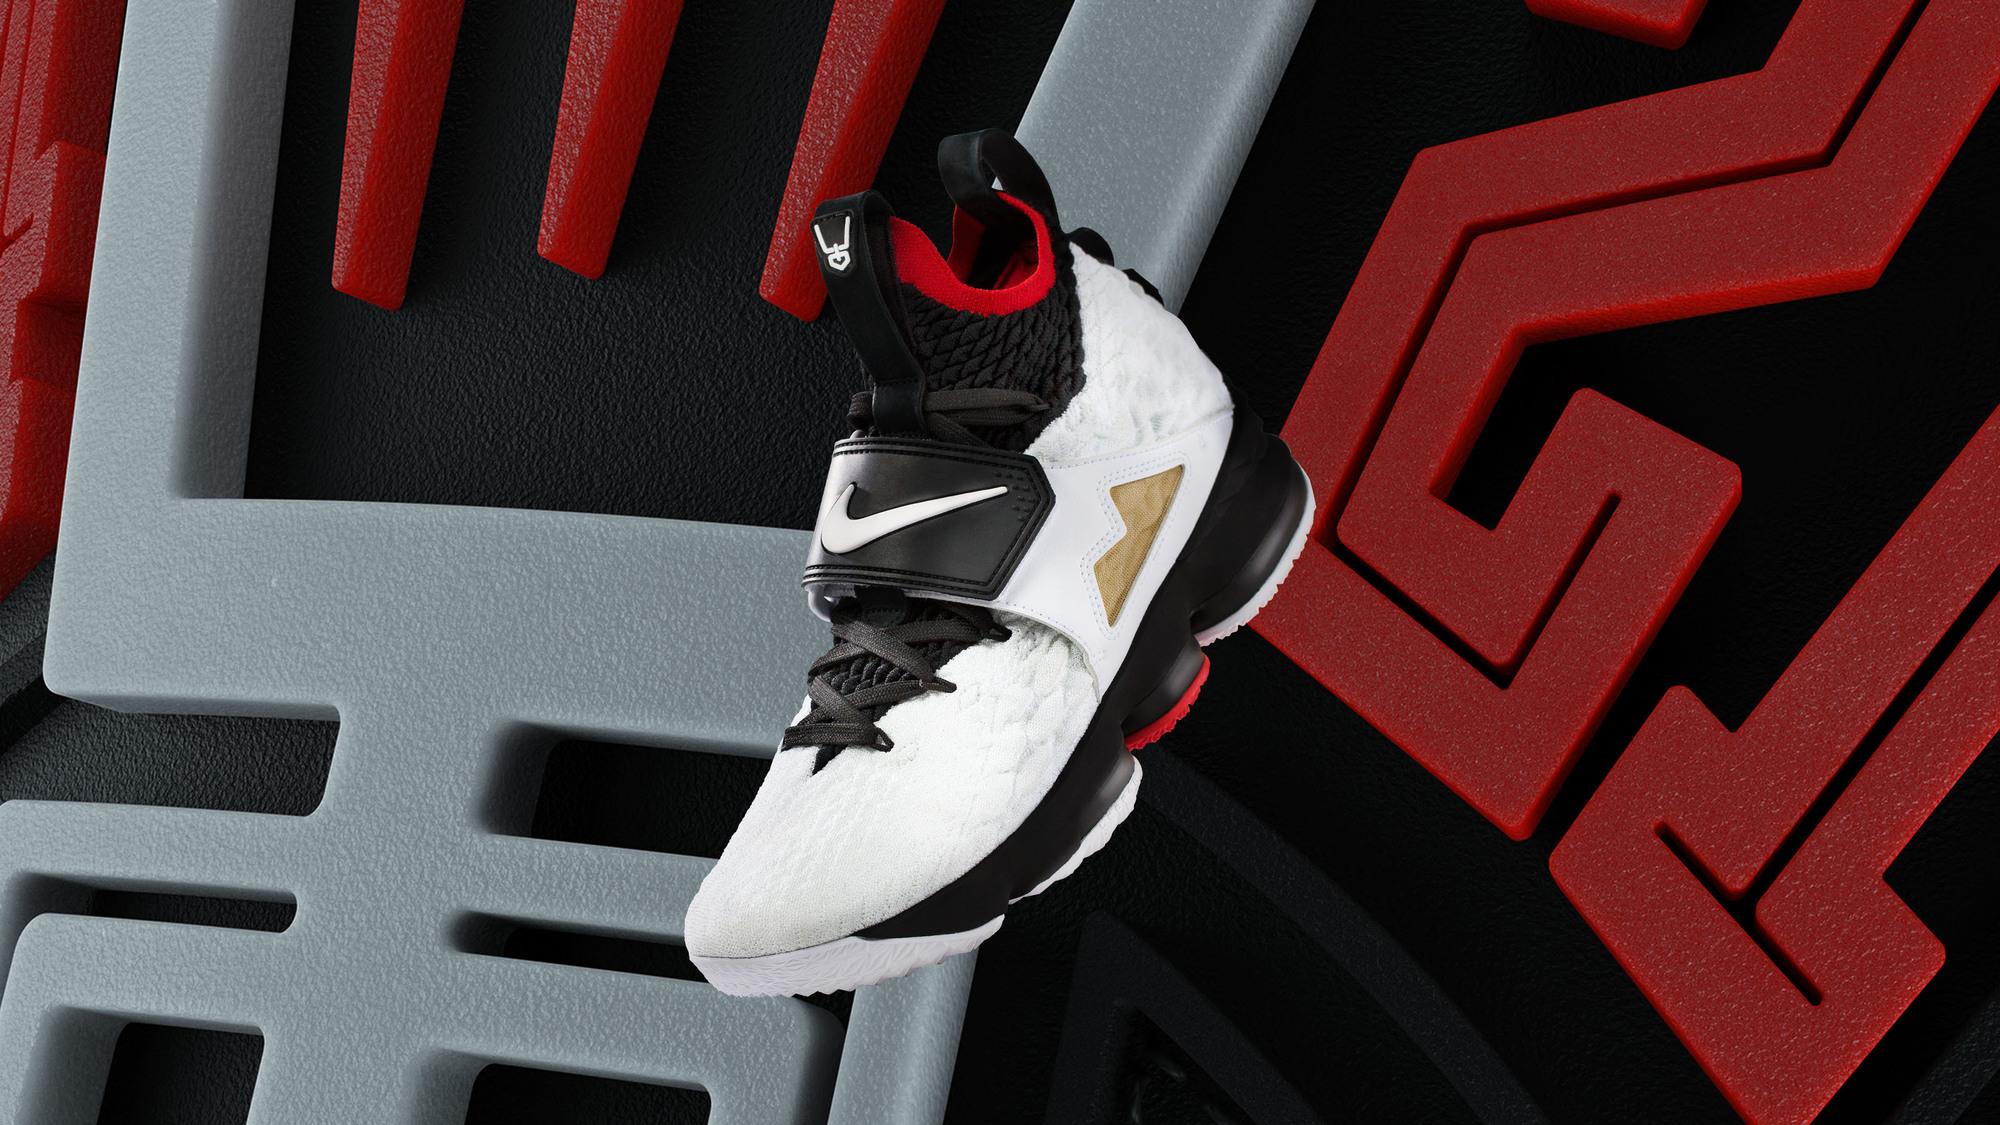 e2f5a5d001f Nike LeBron 15 Diamond Turf - WearTesters